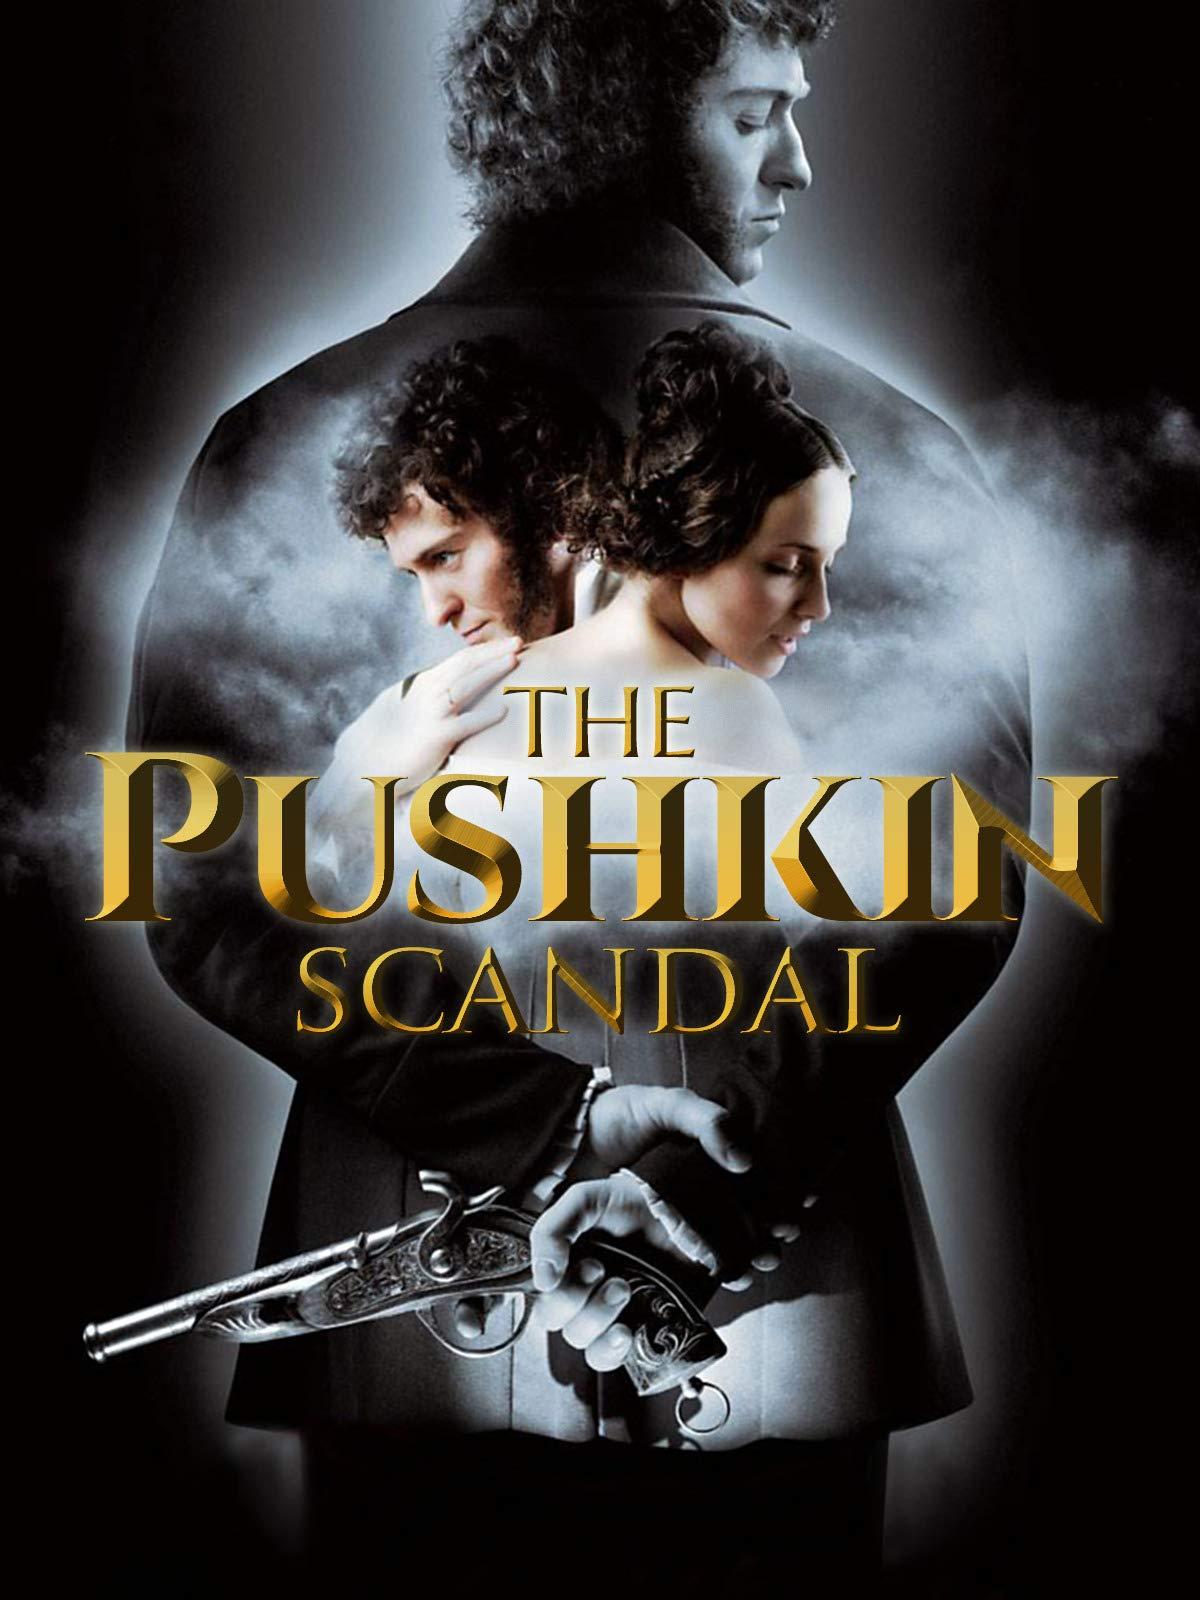 The Pushkin Scandal